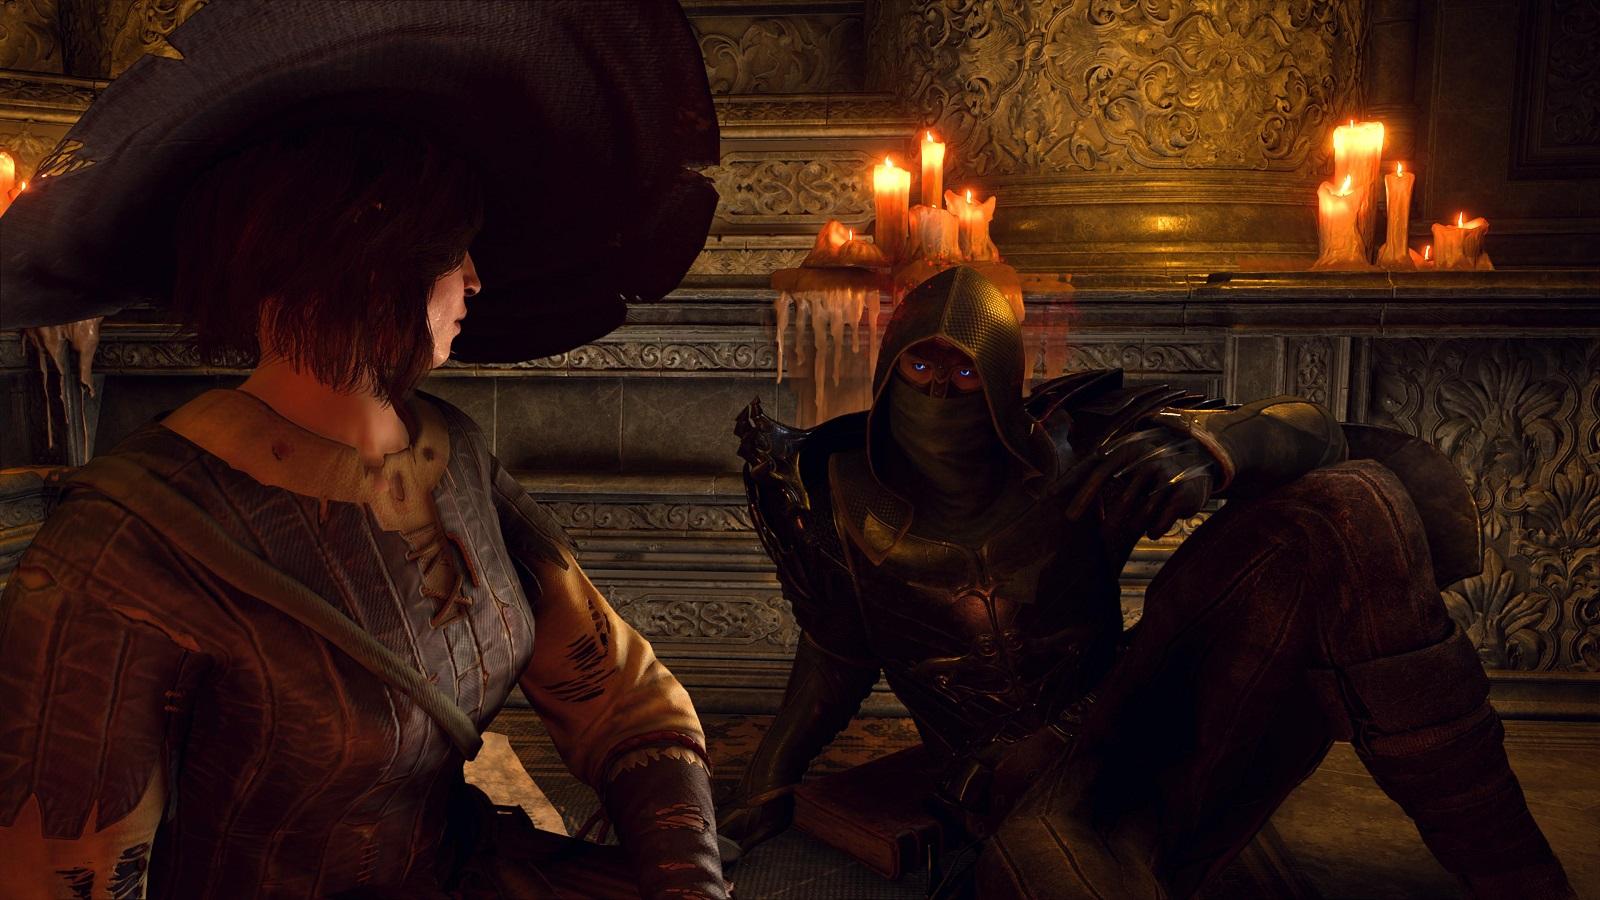 Создатели ремейка Demon's Souls подшутили над игроками, пытающимися разгадать загадку запертой двери